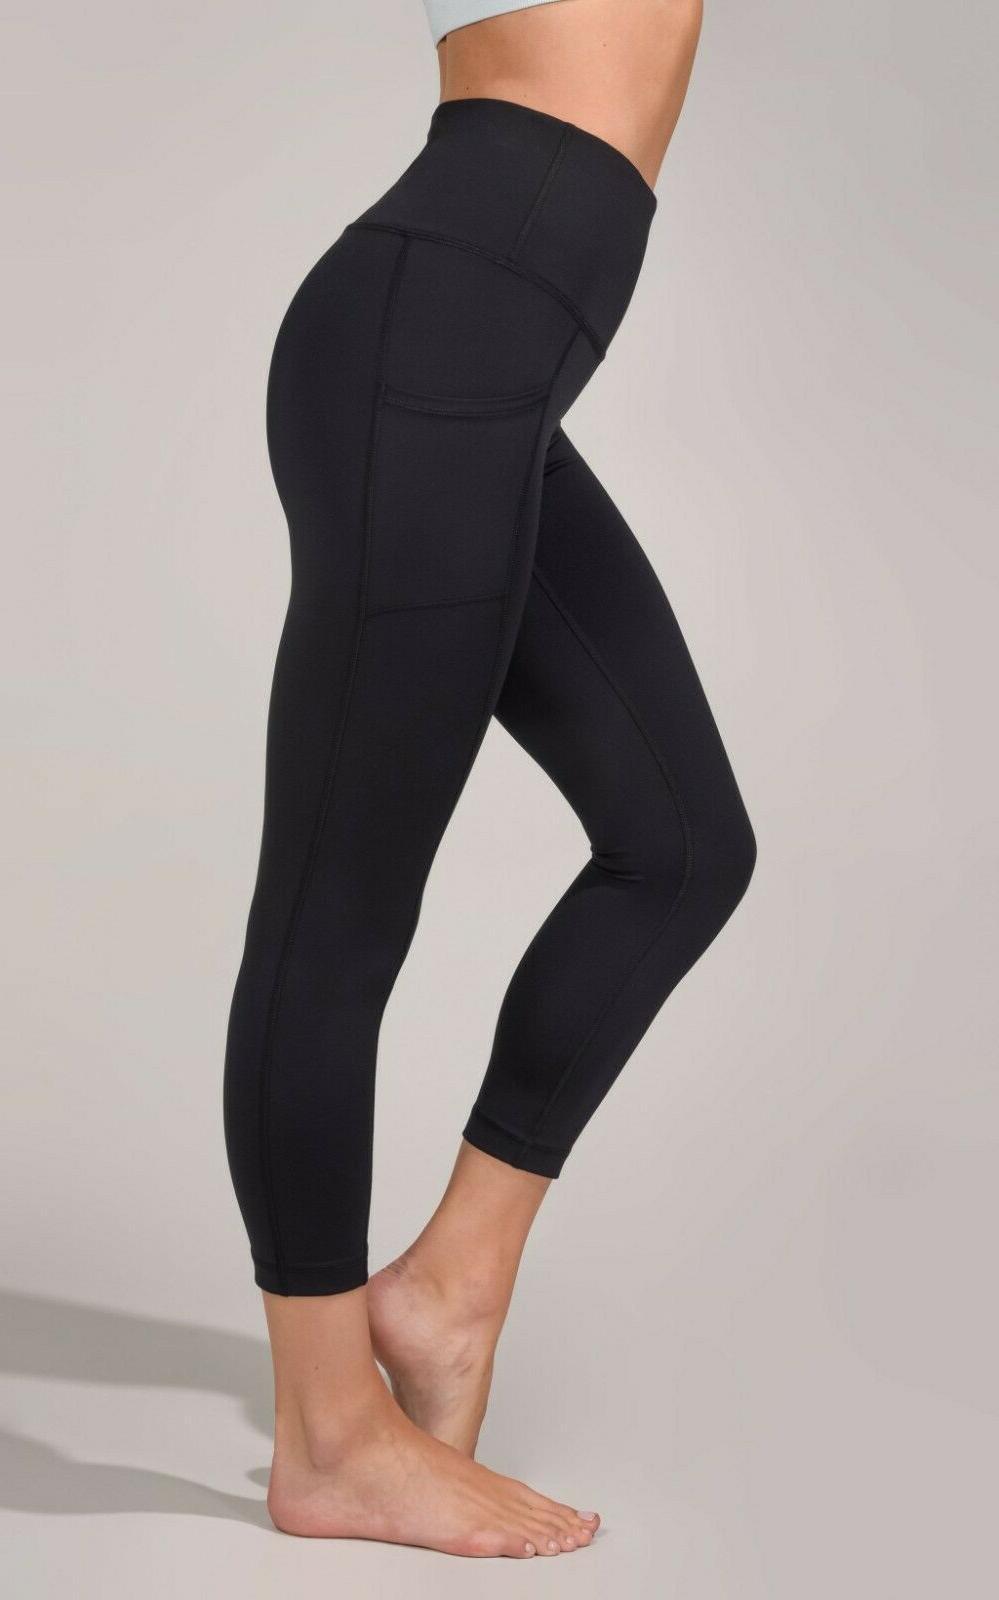 new interlink high waist pocket capri leggings